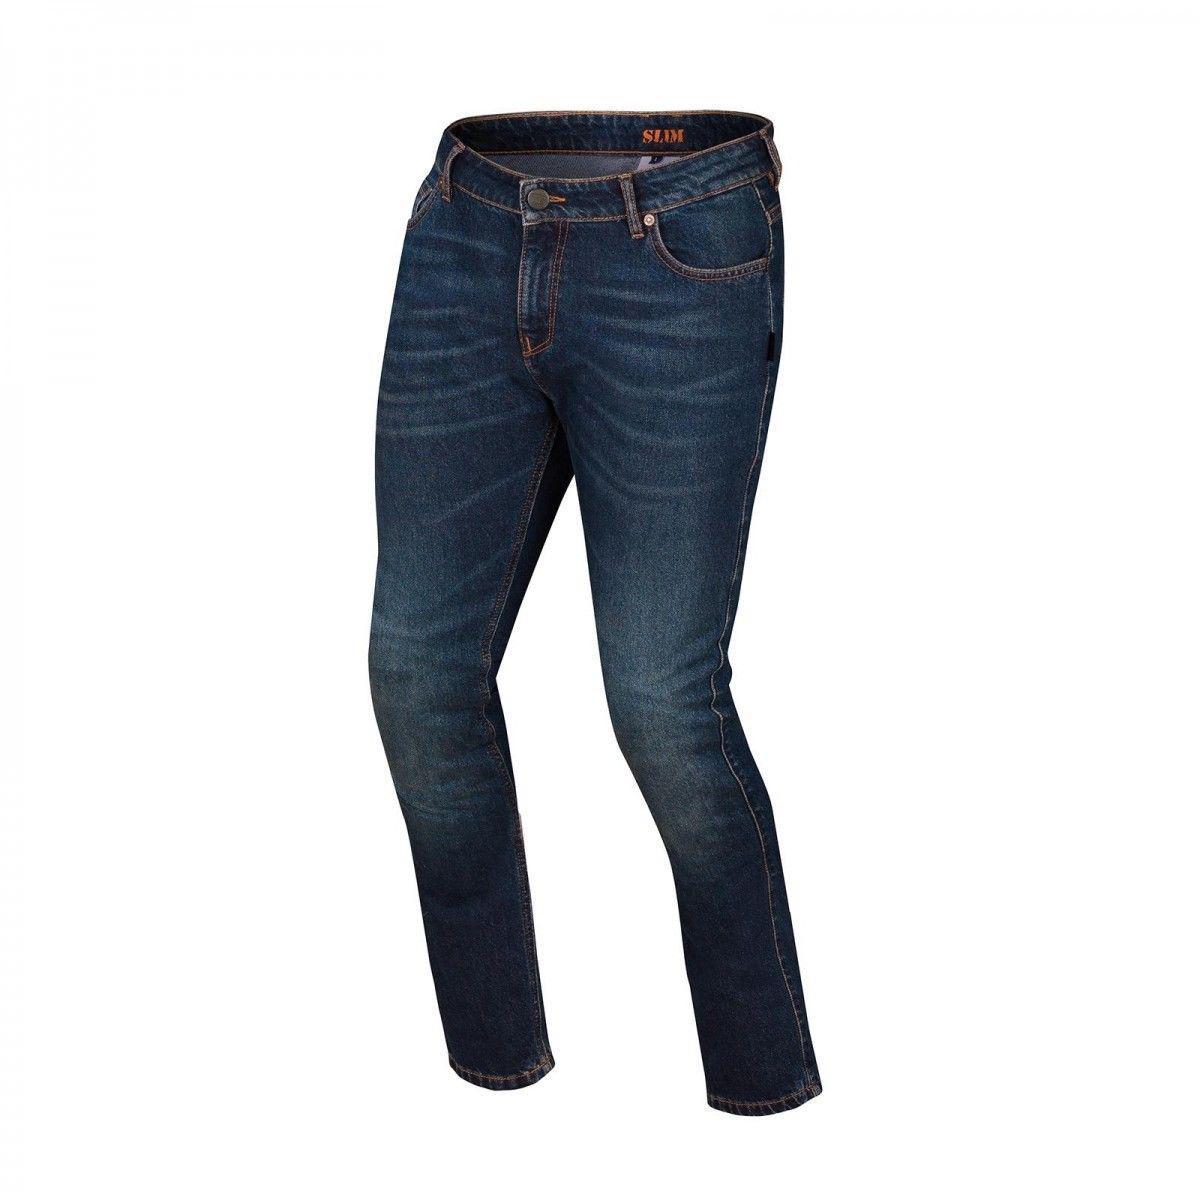 Джинсовые брюки Bering Gorane р.2XL (с кевларовыми вставками) текстиль blue